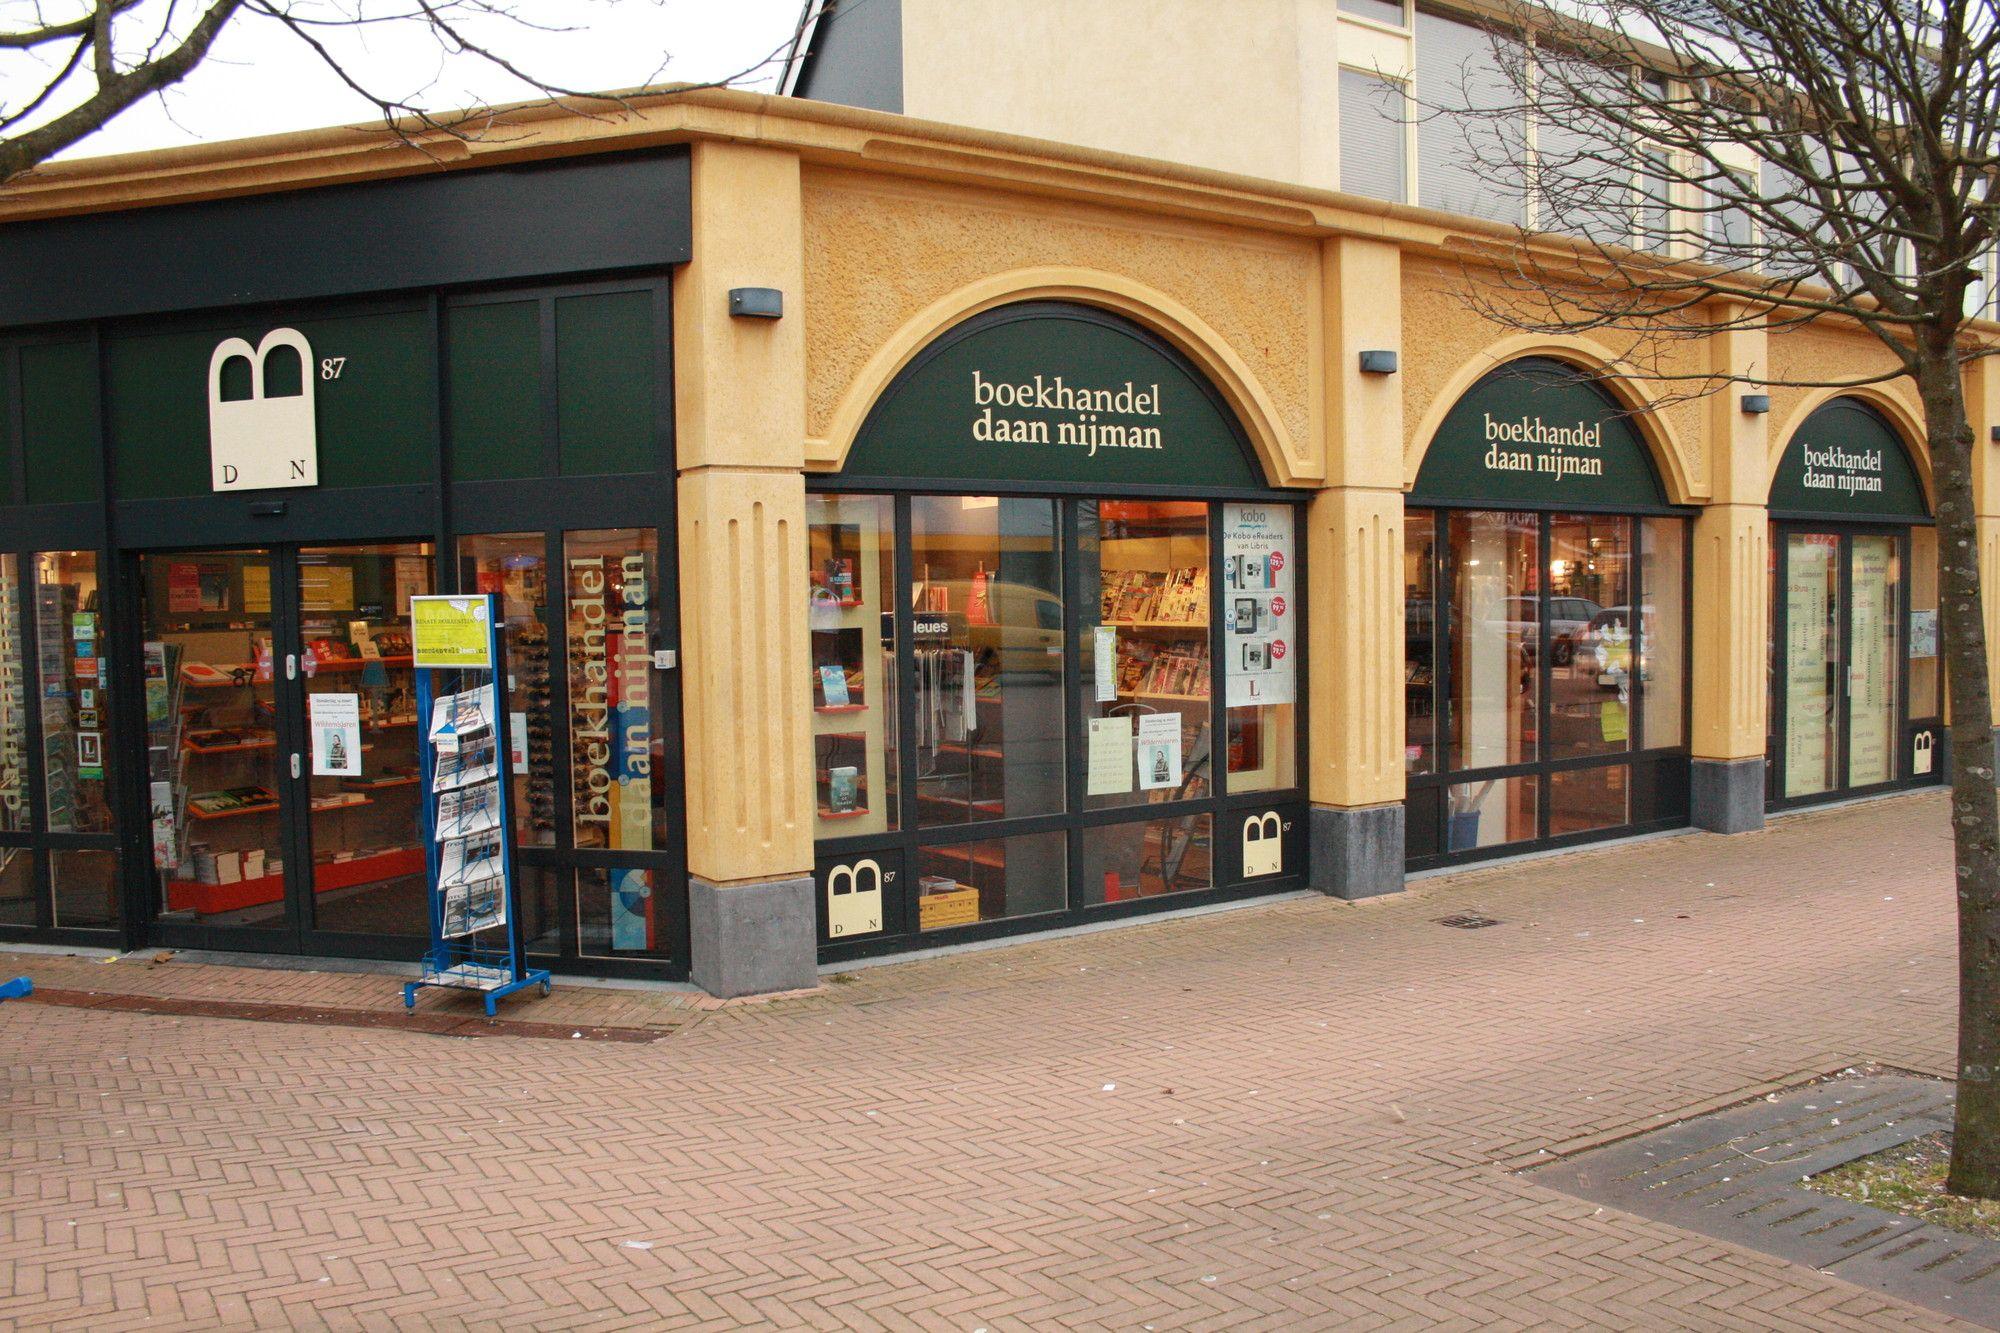 Workshop Vakantielezen bij boekhandel Daan Nijman in Roden